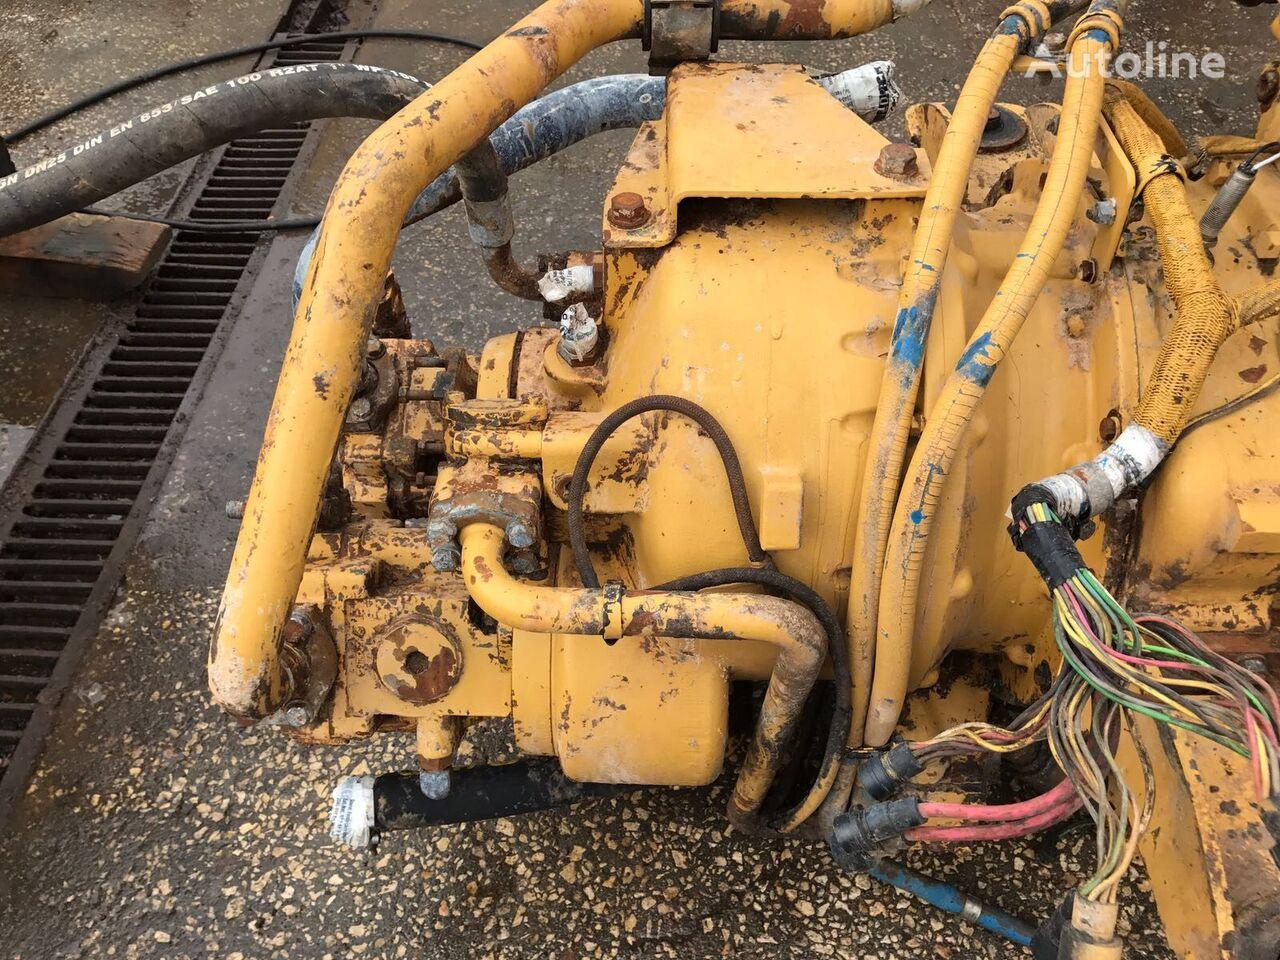 CATERPILLAR Torque Converter D250E; D250E II; D25D; D300D; D300E; D300E II; Getriebe für Knickgelenkte muldenkipper